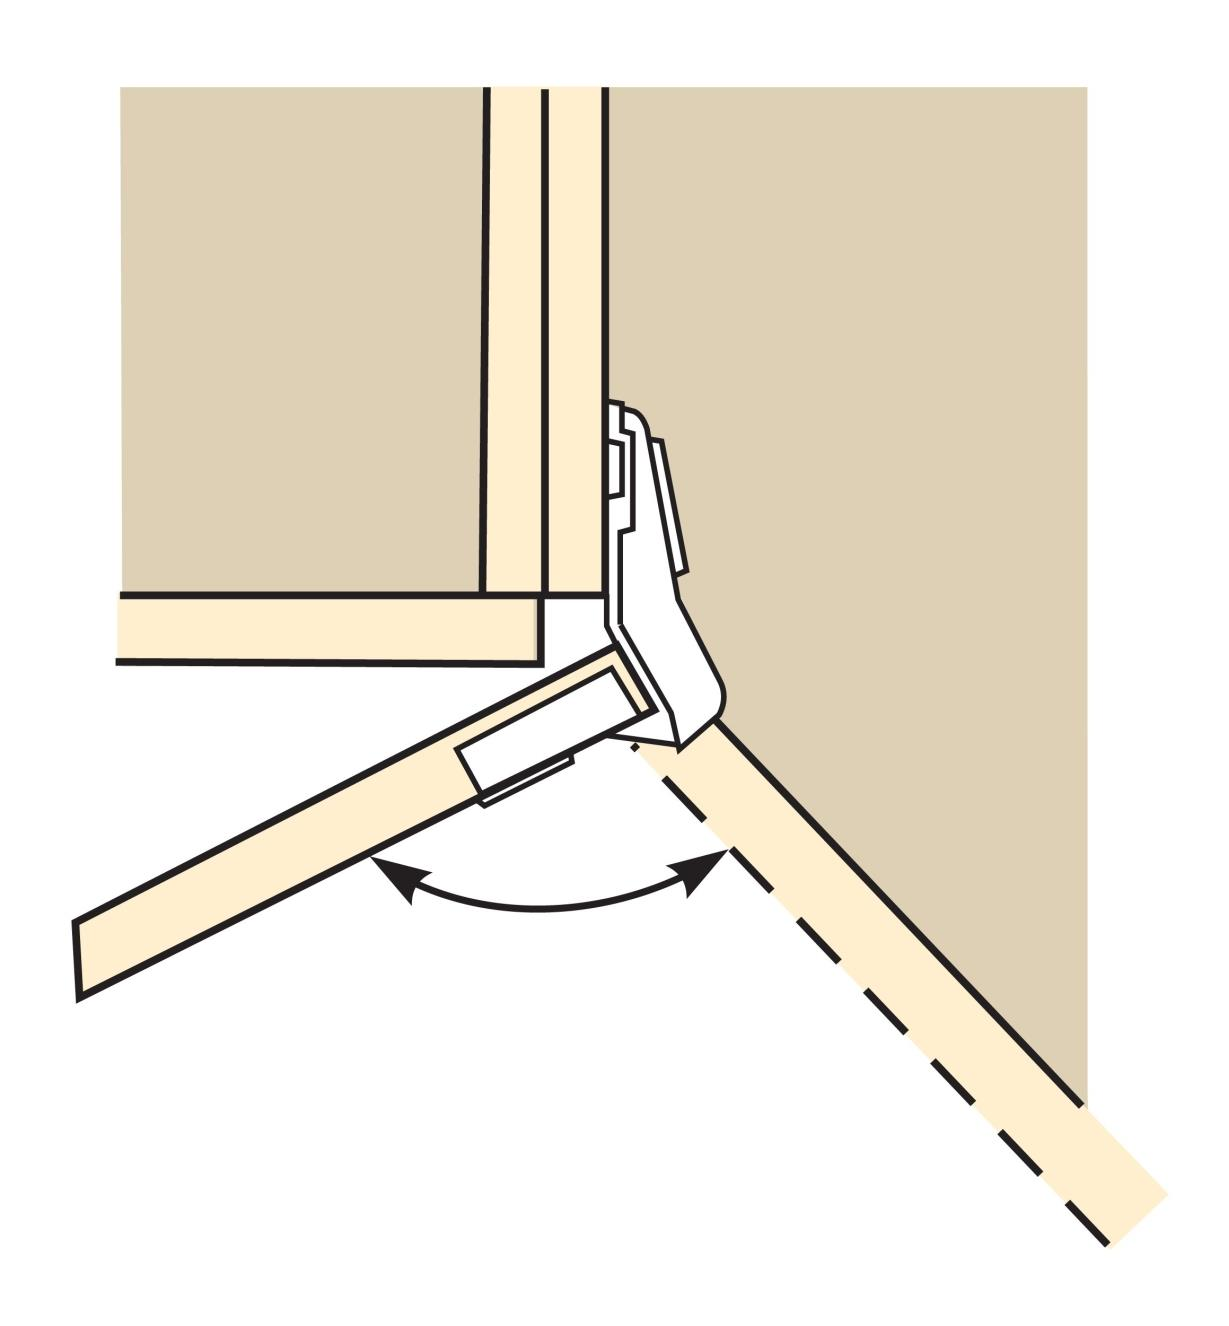 Le diagramme montre une charnière s'ouvrant sur 110°